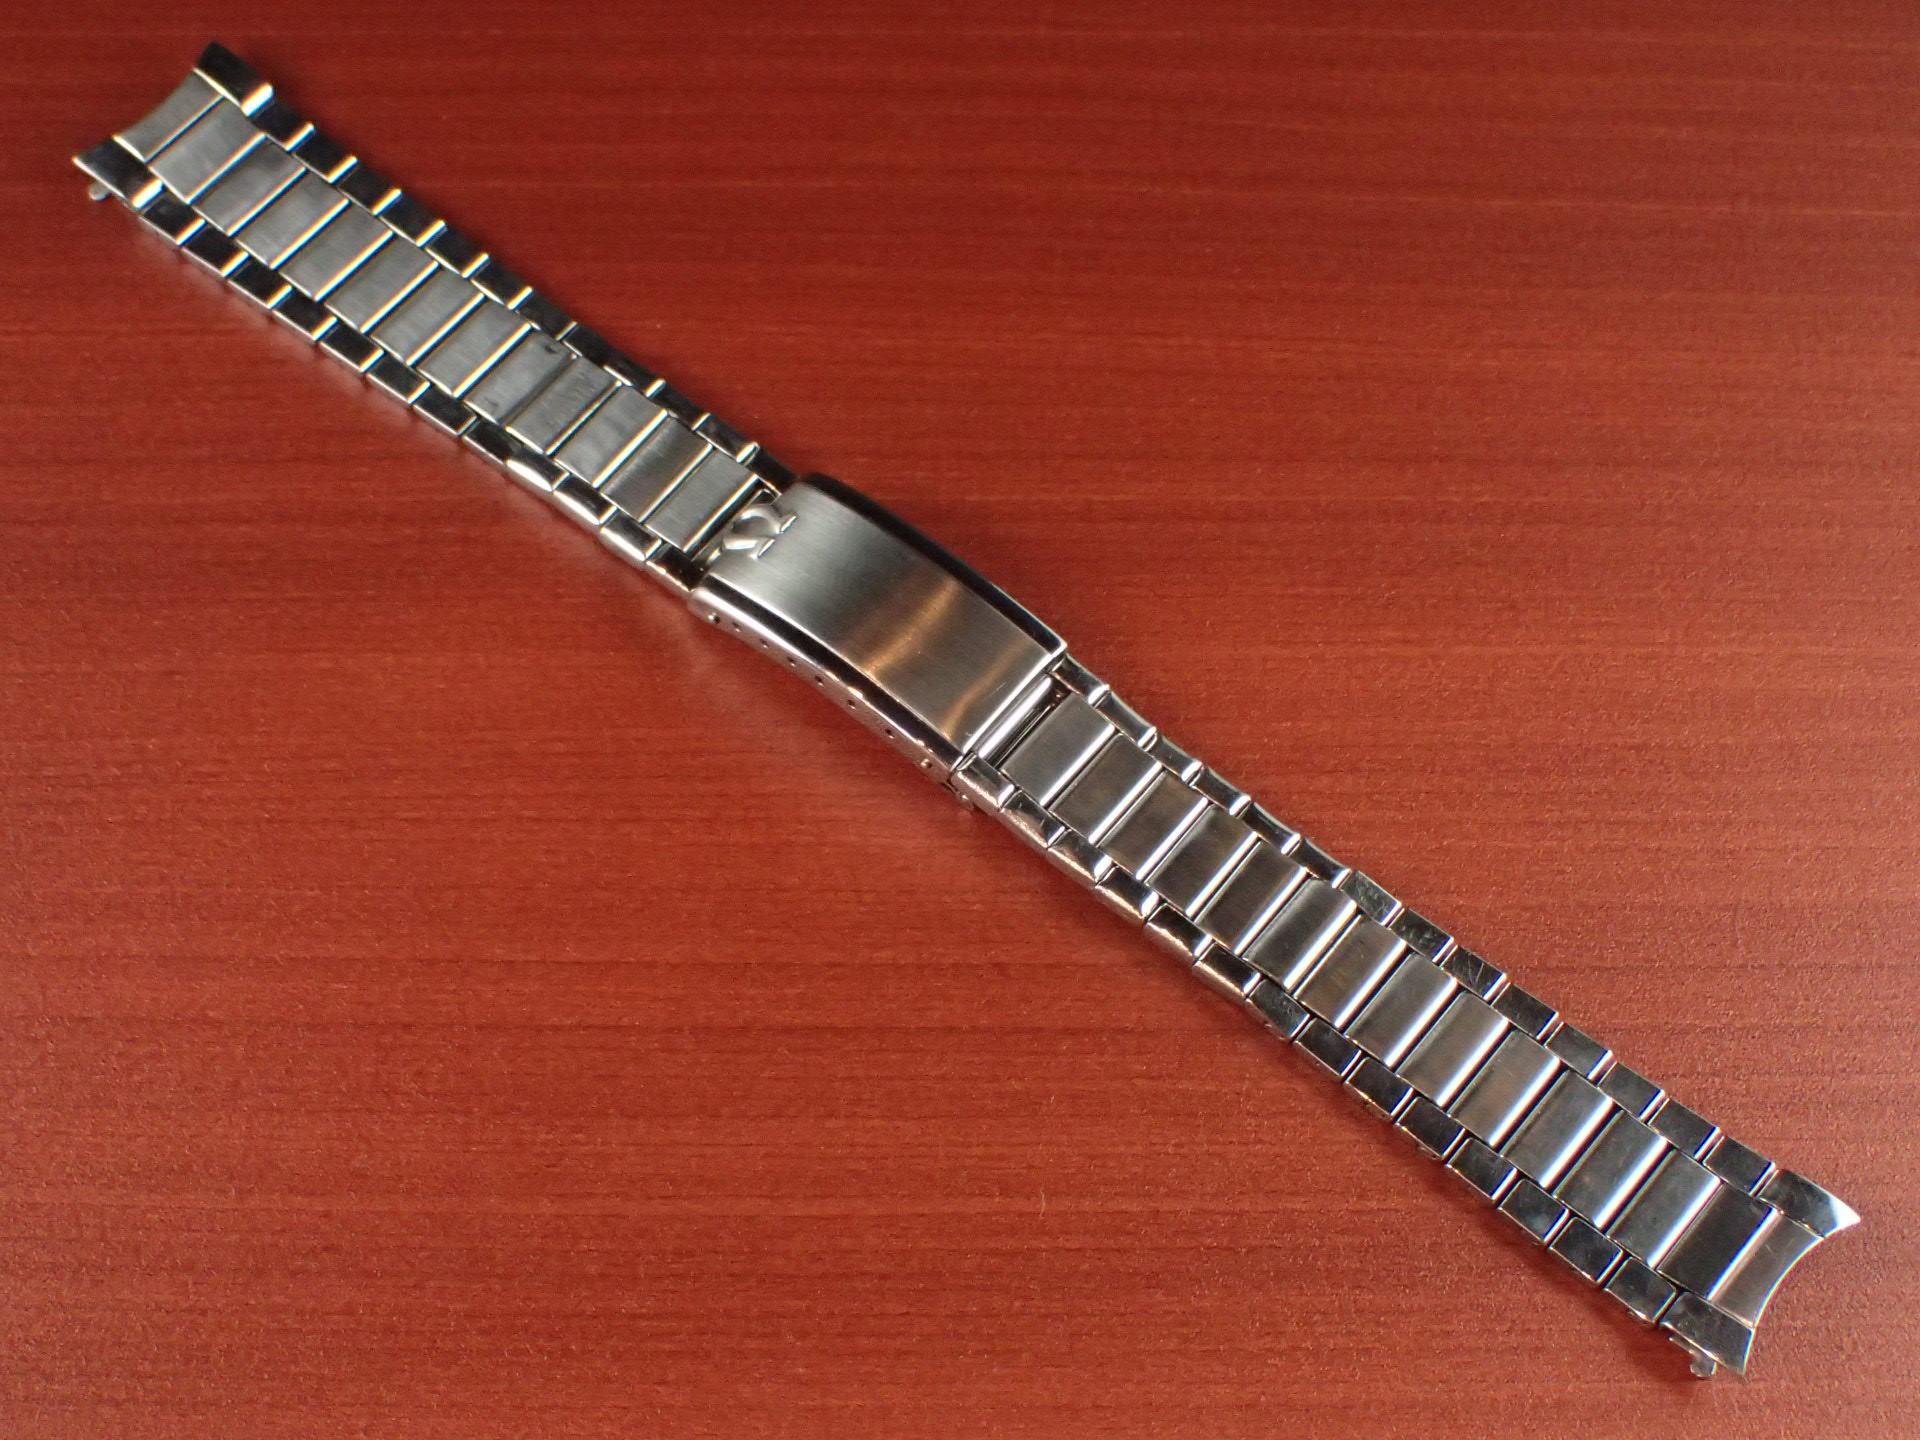 オメガ キャタピラブレス 18mm Ref:7912 1961年製のメイン写真